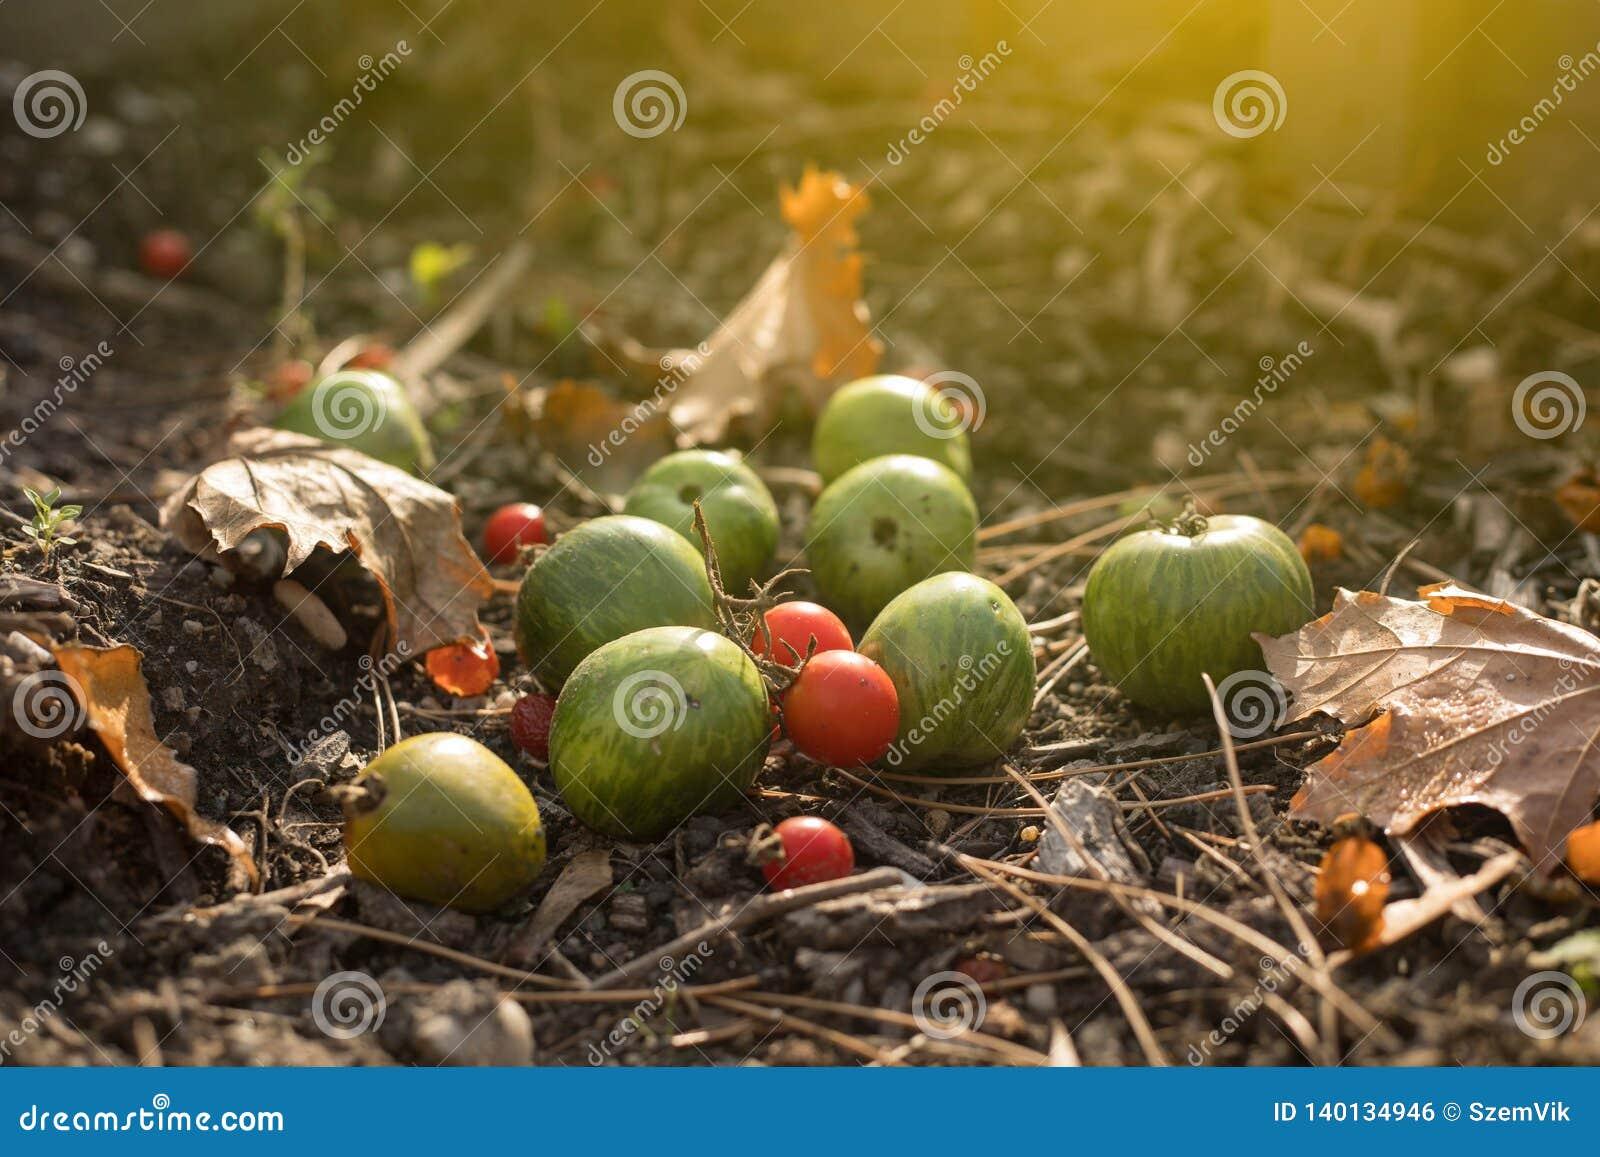 Tomates mûres et non mûres dans le jardin d Autunum